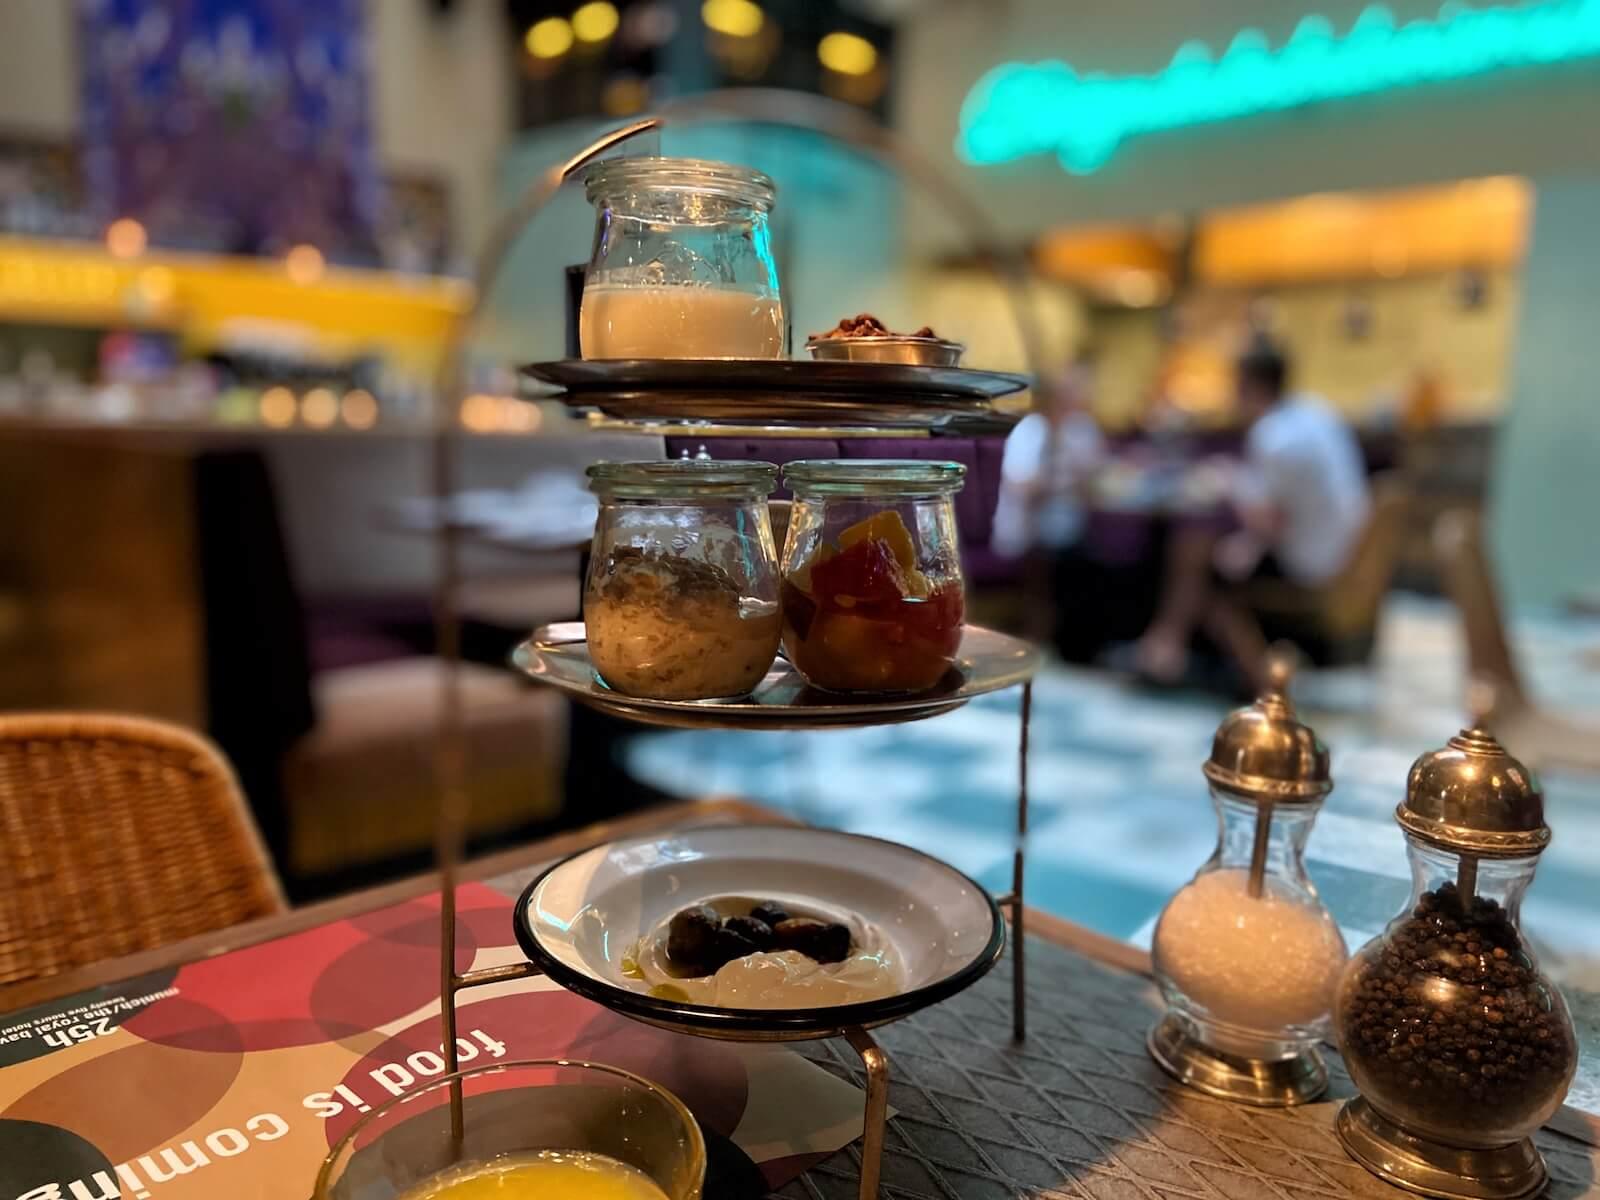 Die Frühstücks-Etagère im 25hours Hotel München